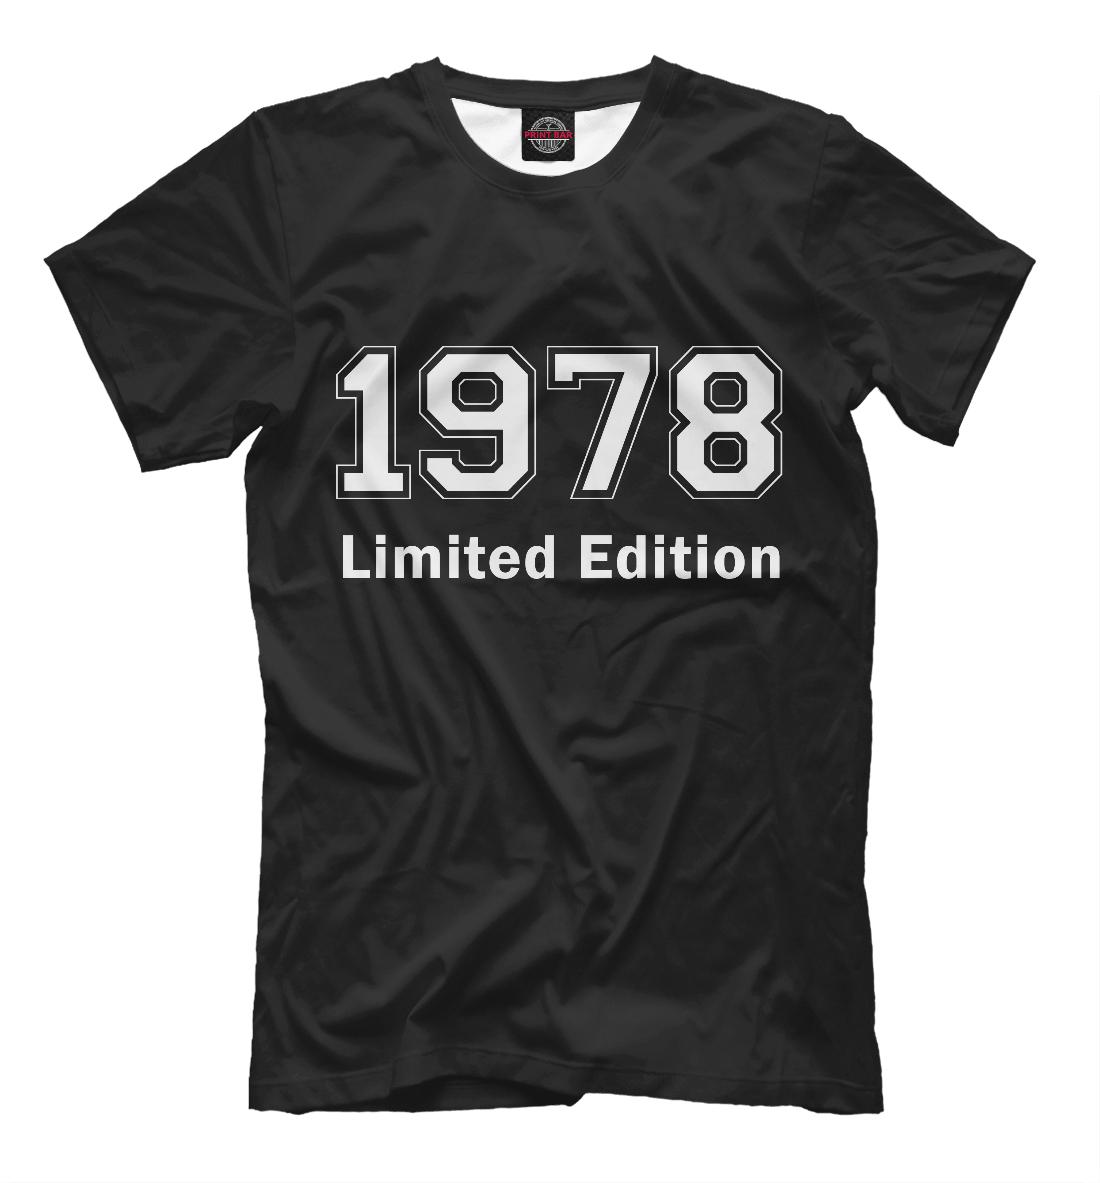 Купить Limited Edition 1978, Printbar, Футболки, DSV-808812-fut-2